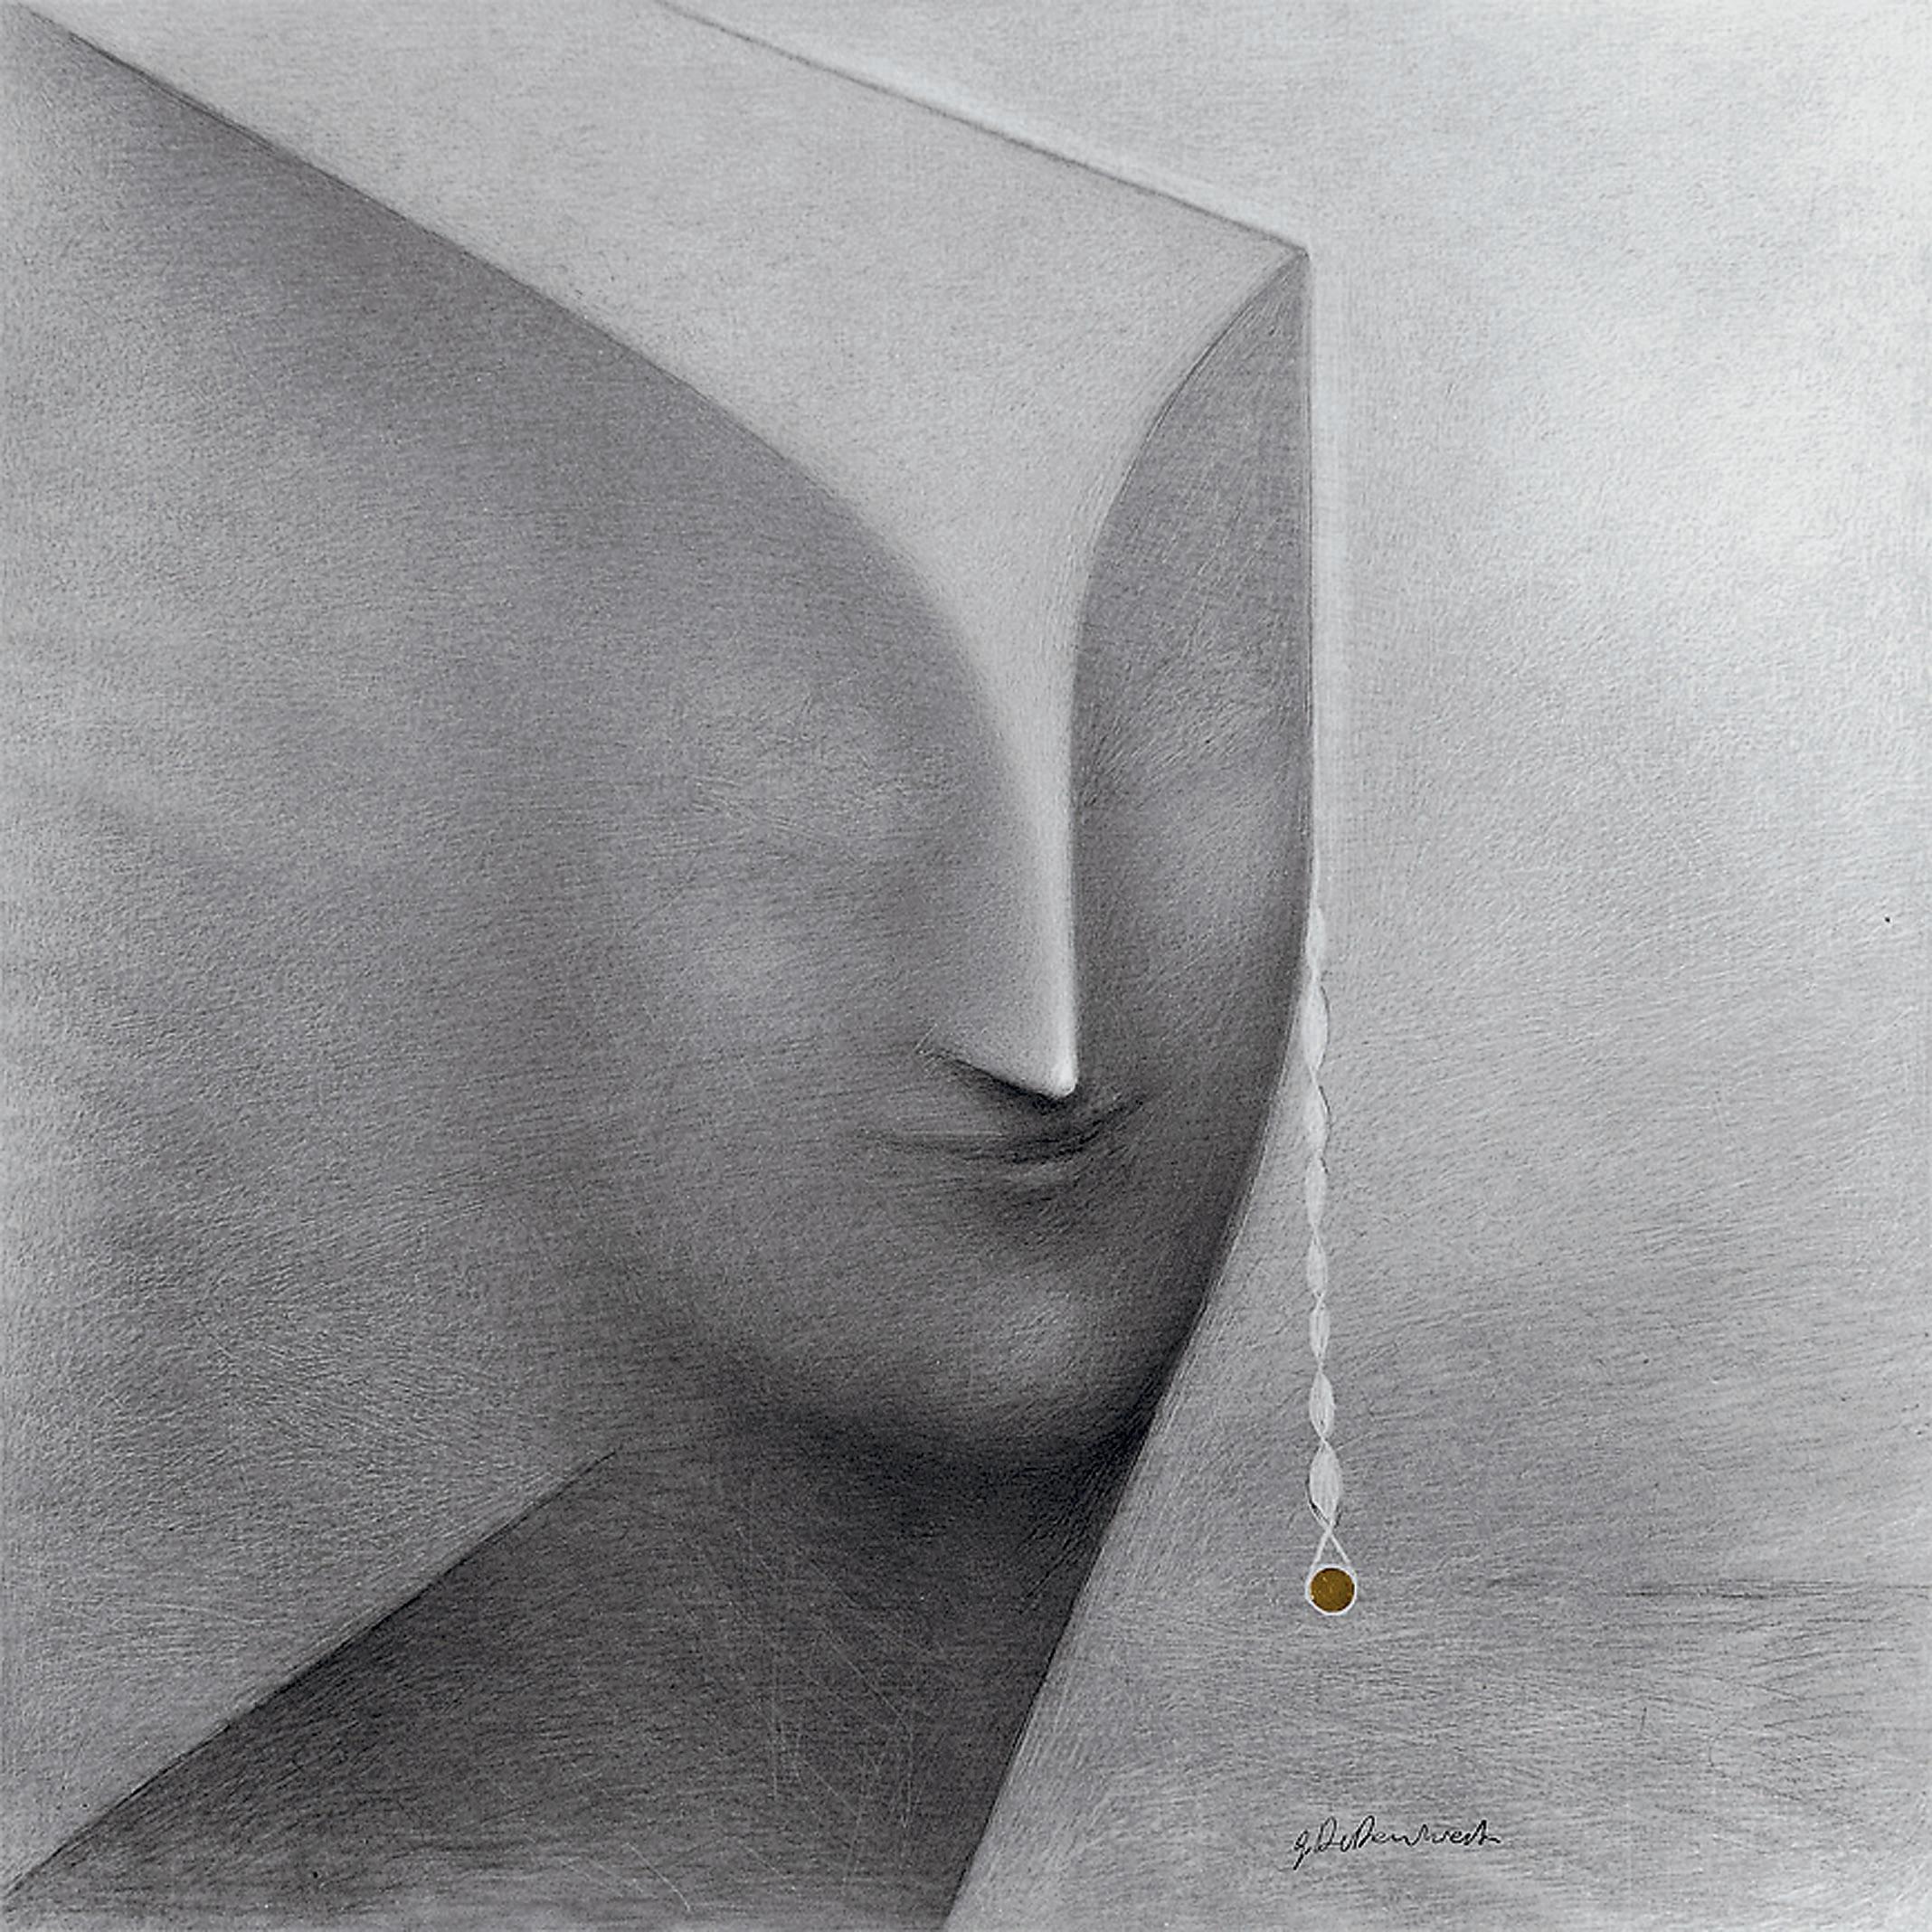 Gino De Dominicis (1947-1998)